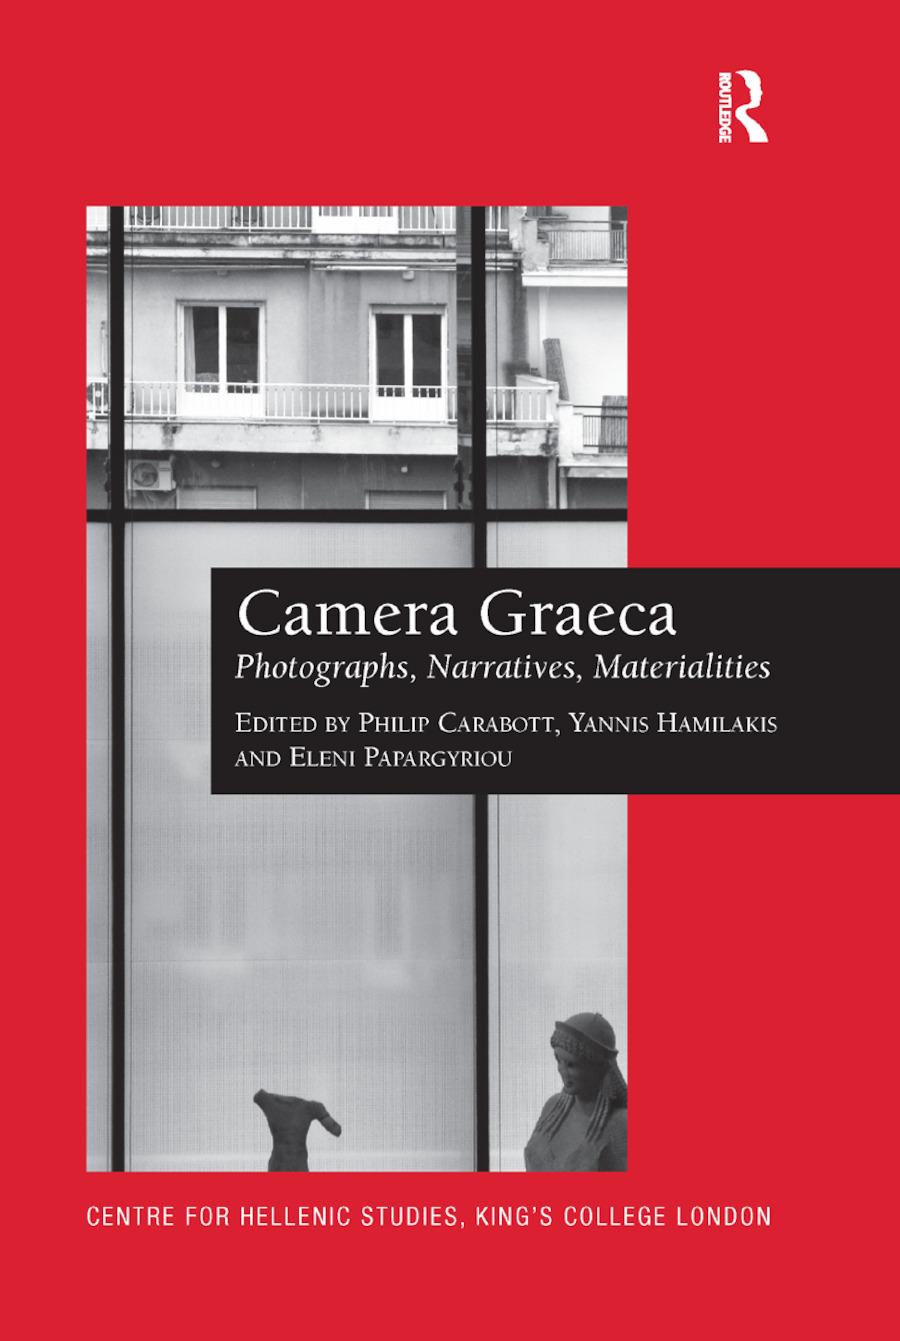 Camera Graeca: Photographs, Narratives, Materialities book cover